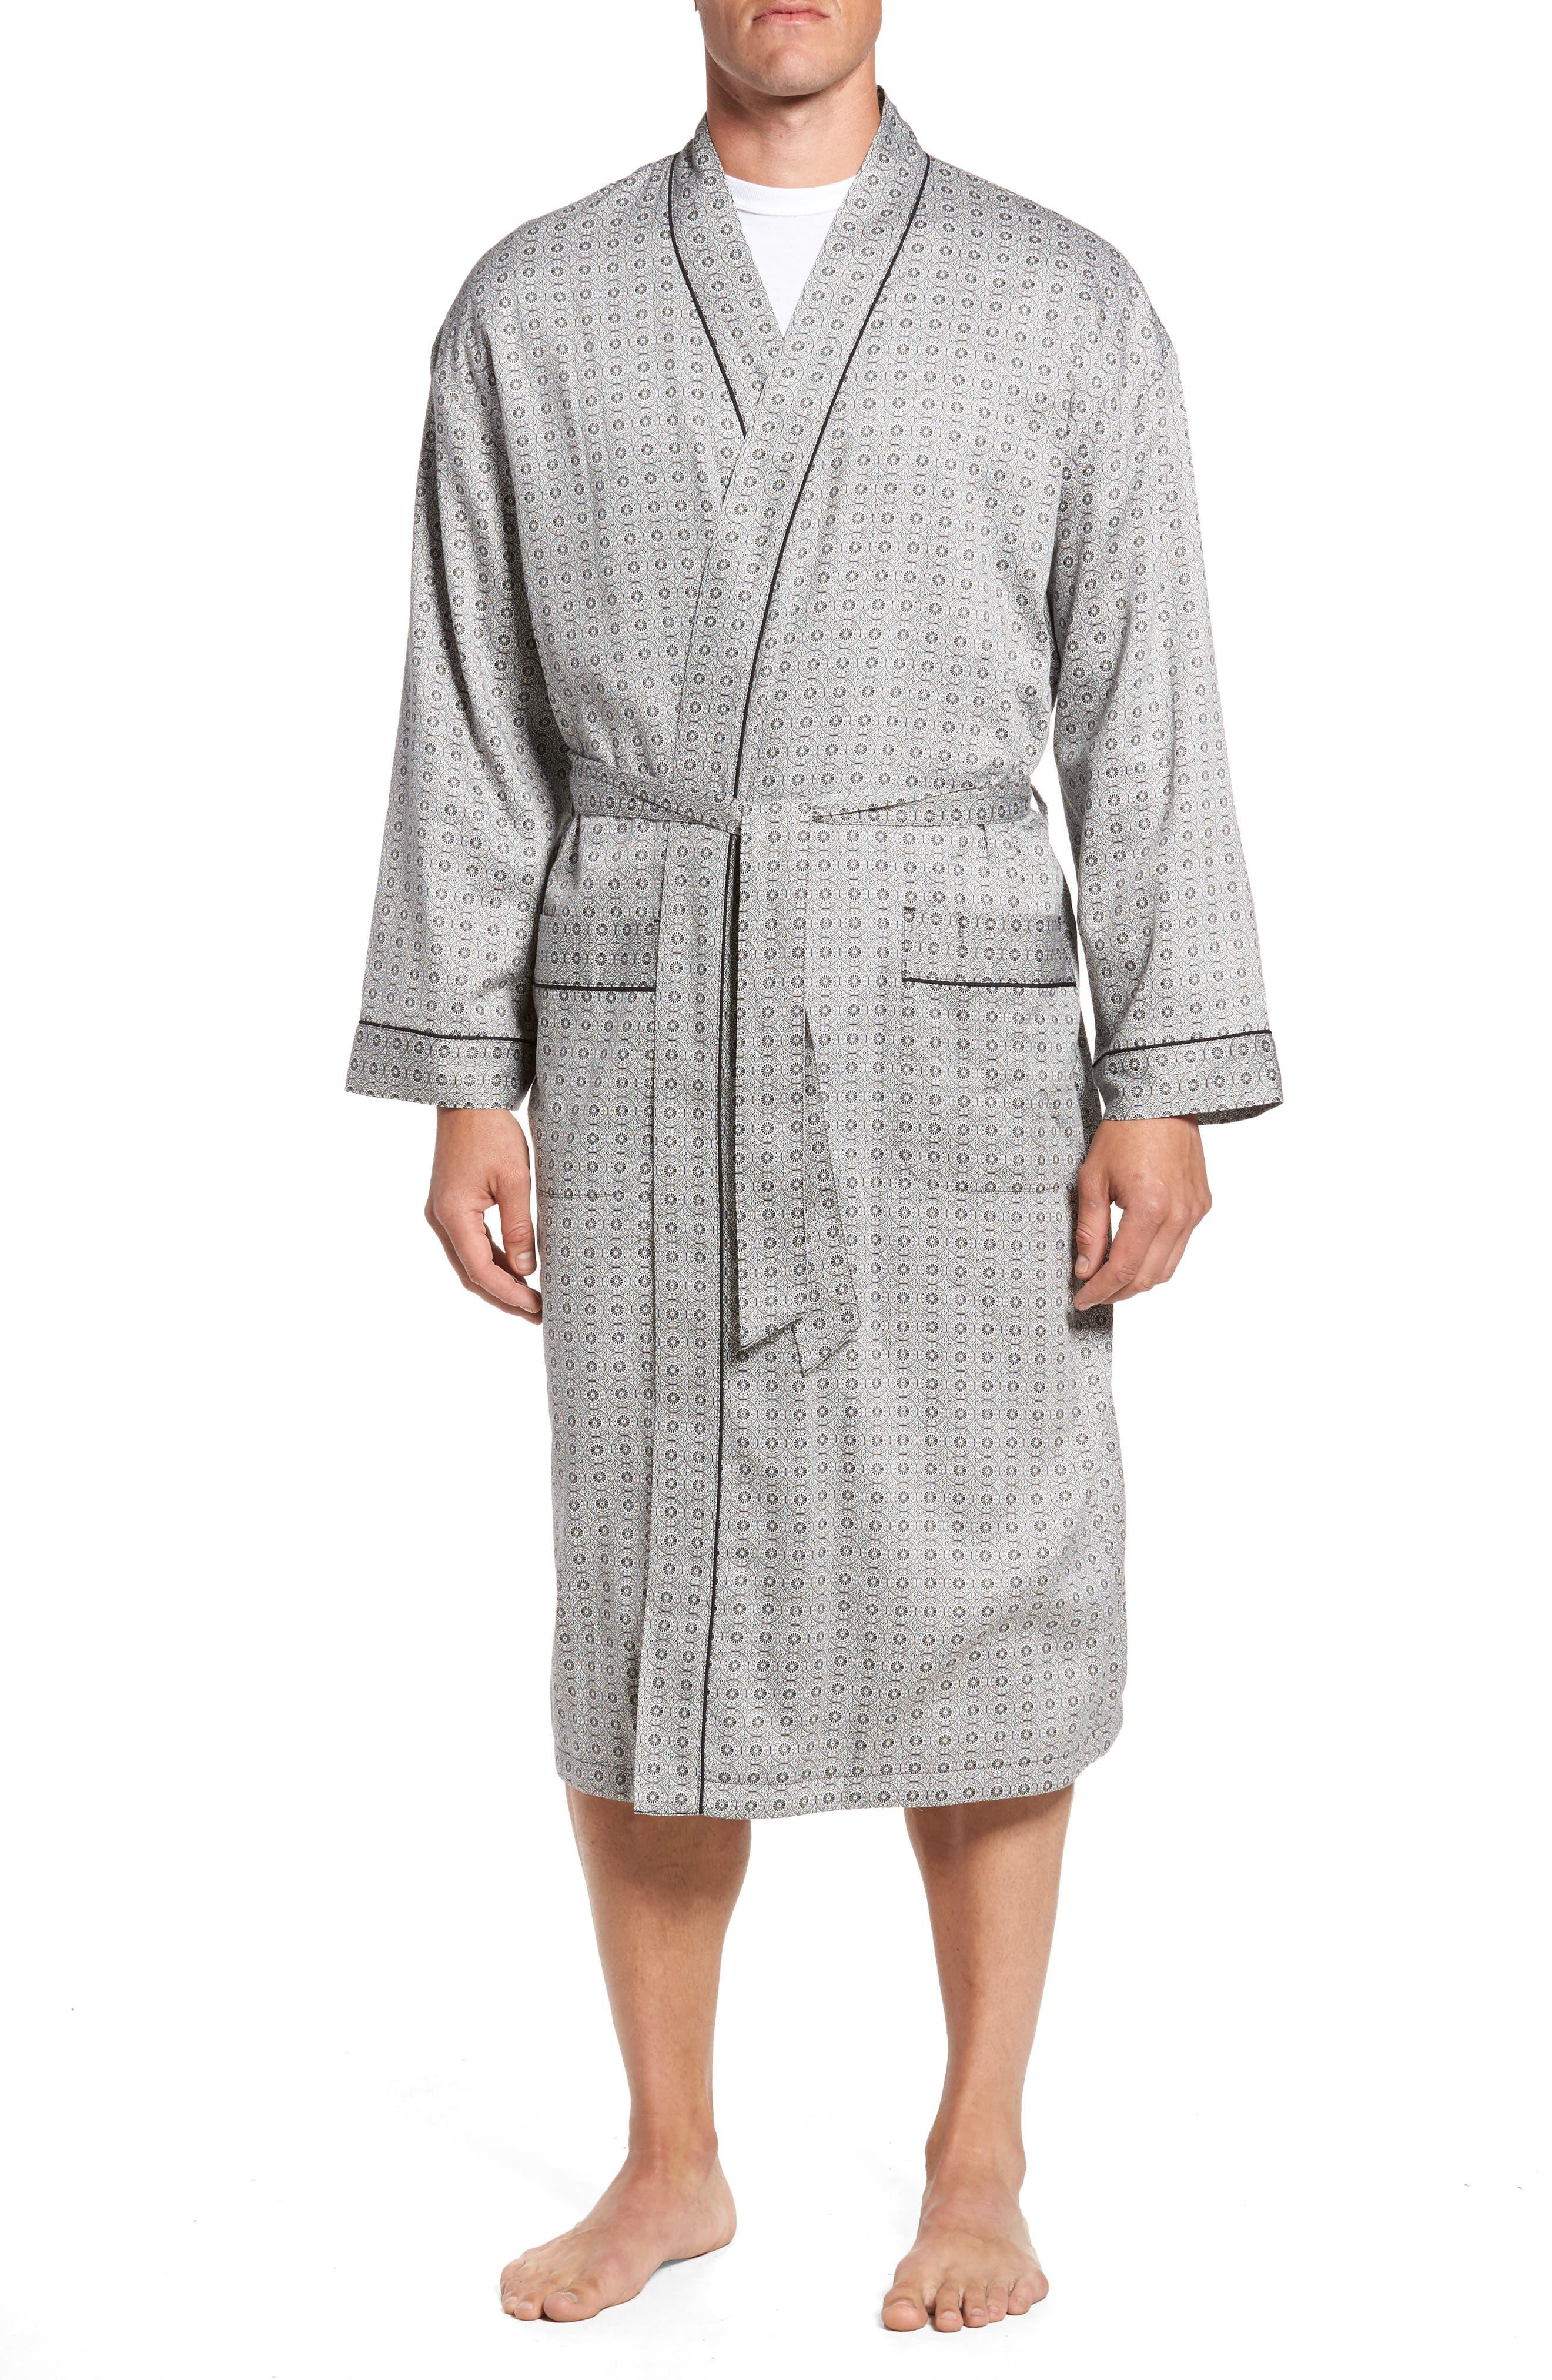 Winterlude Robe,                         Main,                         color, 003